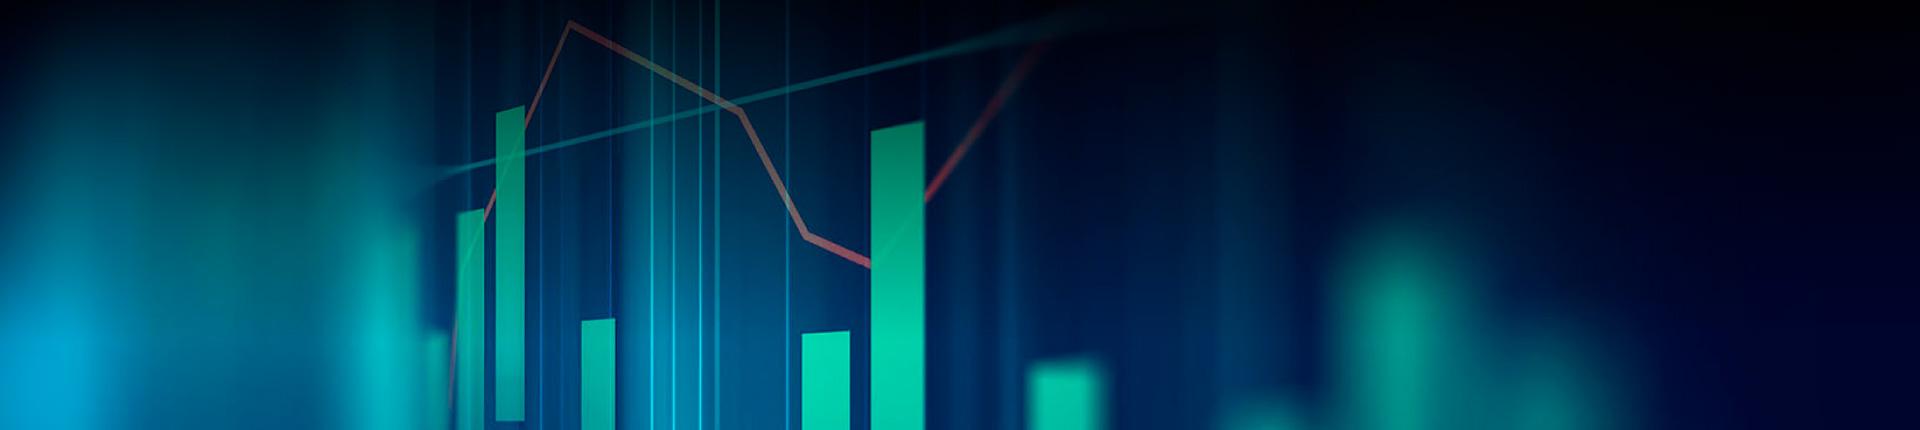 banner supply chain analytics